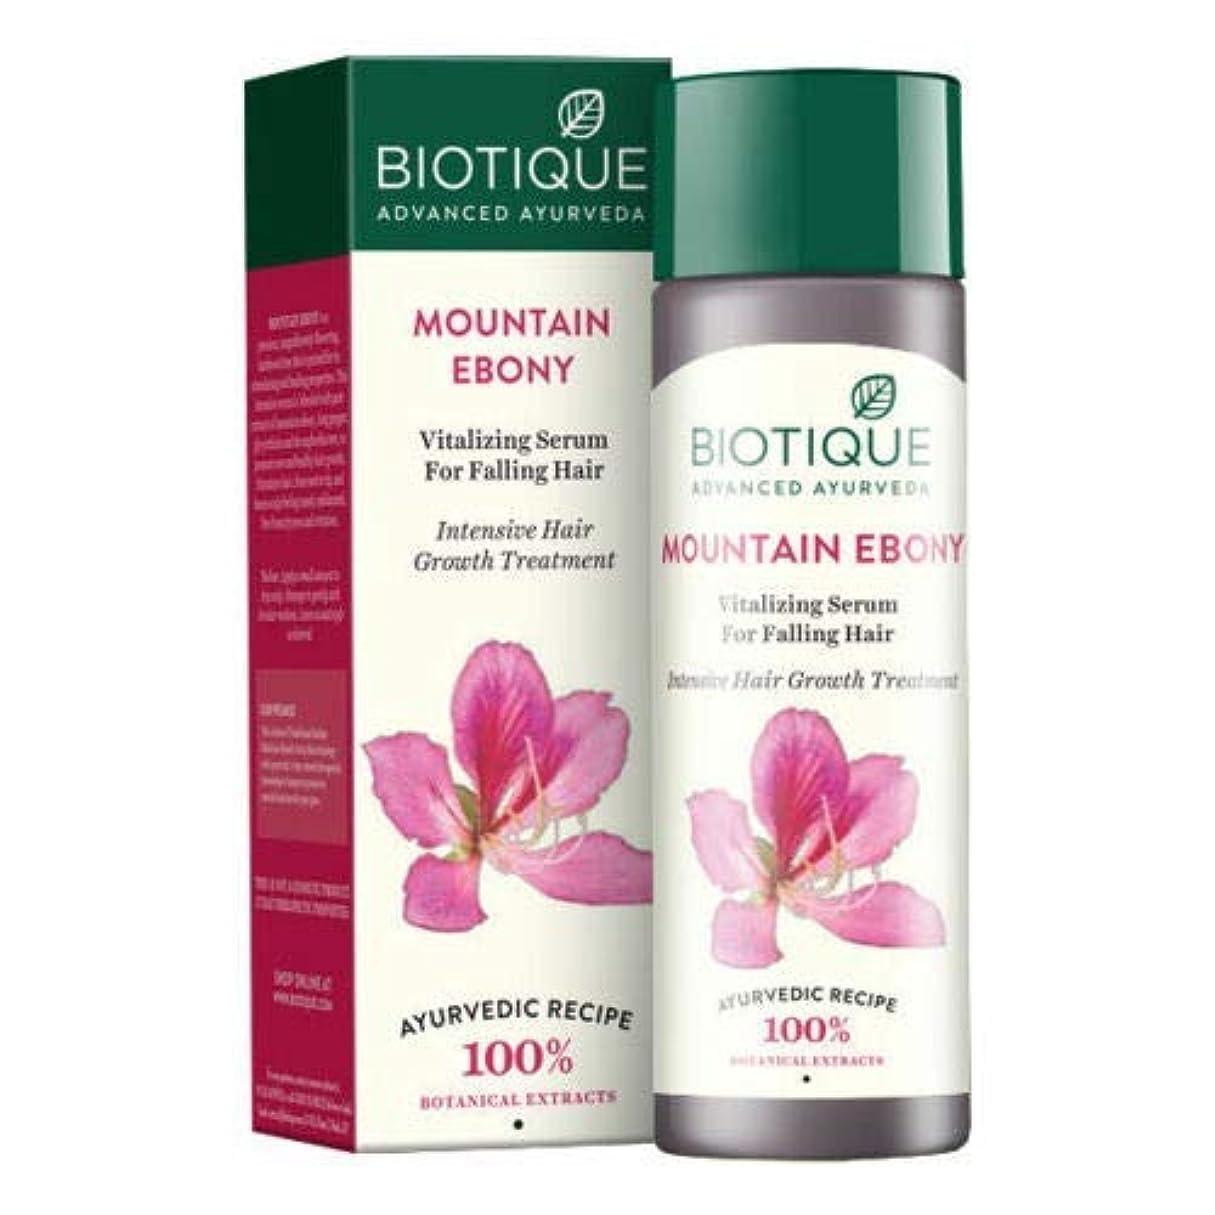 研究小切手気体のBiotique Bio Mountain Ebony Vitalizing Serum For Falling Hair Treatment 落下の毛の処置のためのBiotiqueのバイオ山の黒檀の活力を与える血清